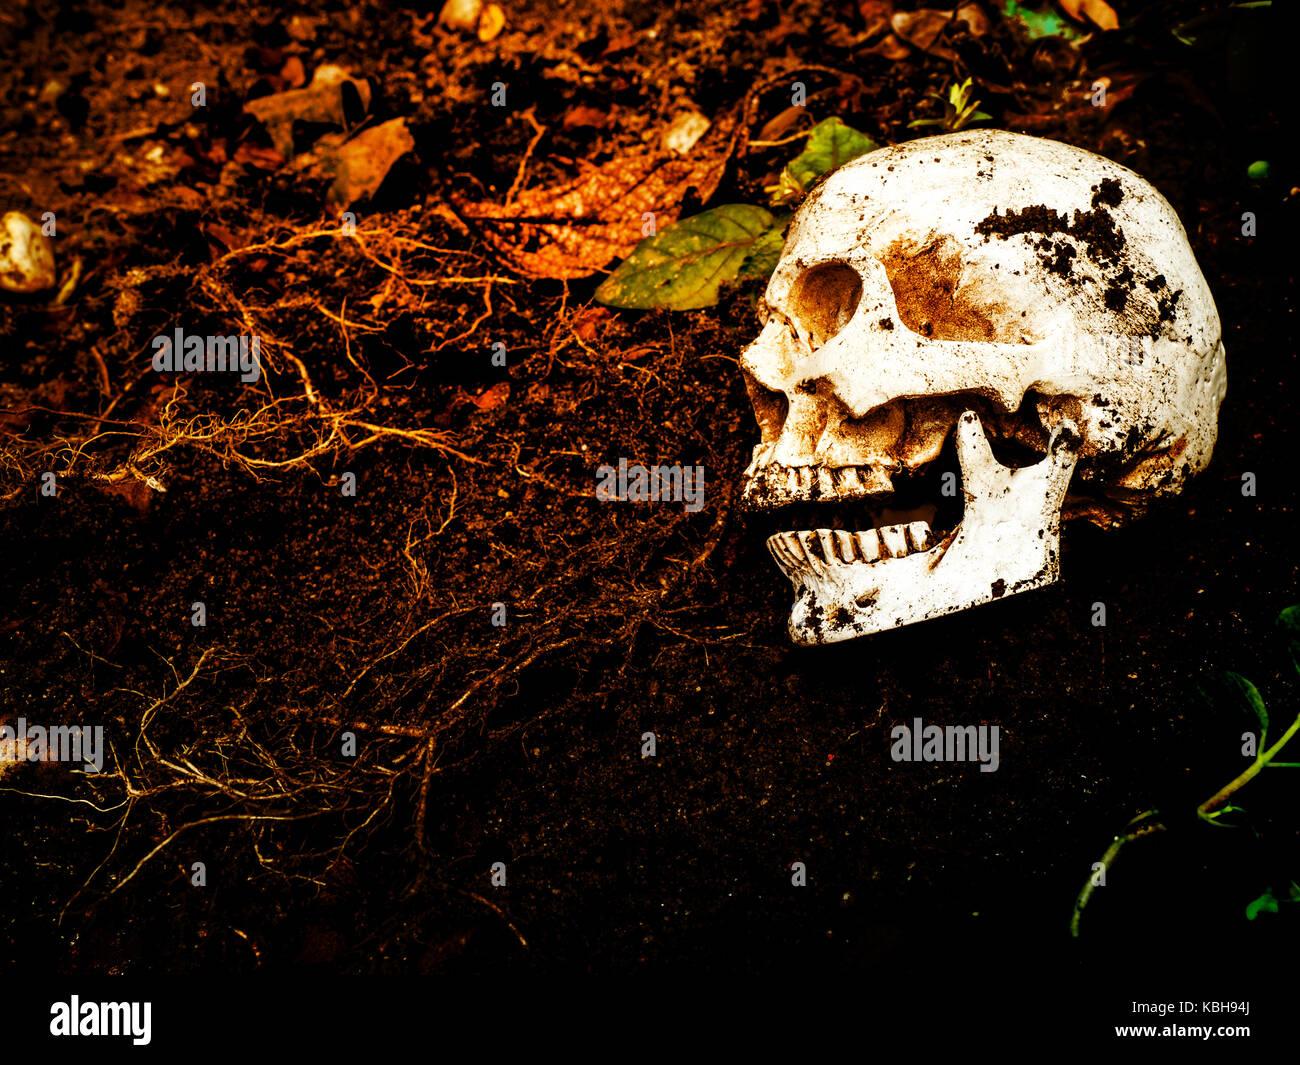 Al lado del cráneo humano enterrado en el suelo.El cráneo tiene suciedad adherida al cráneo.concepto Imagen De Stock